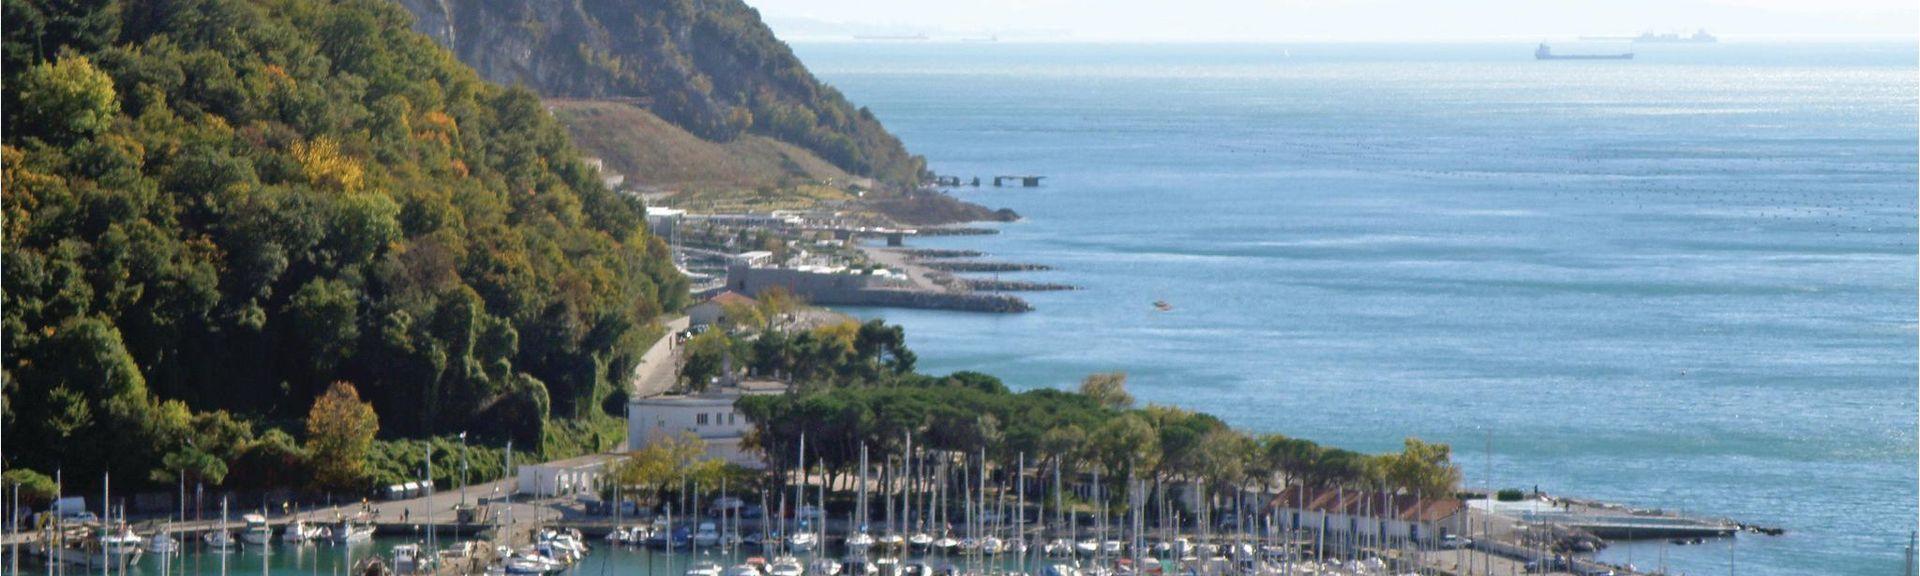 Fogliano Redipuglia GO, Italy